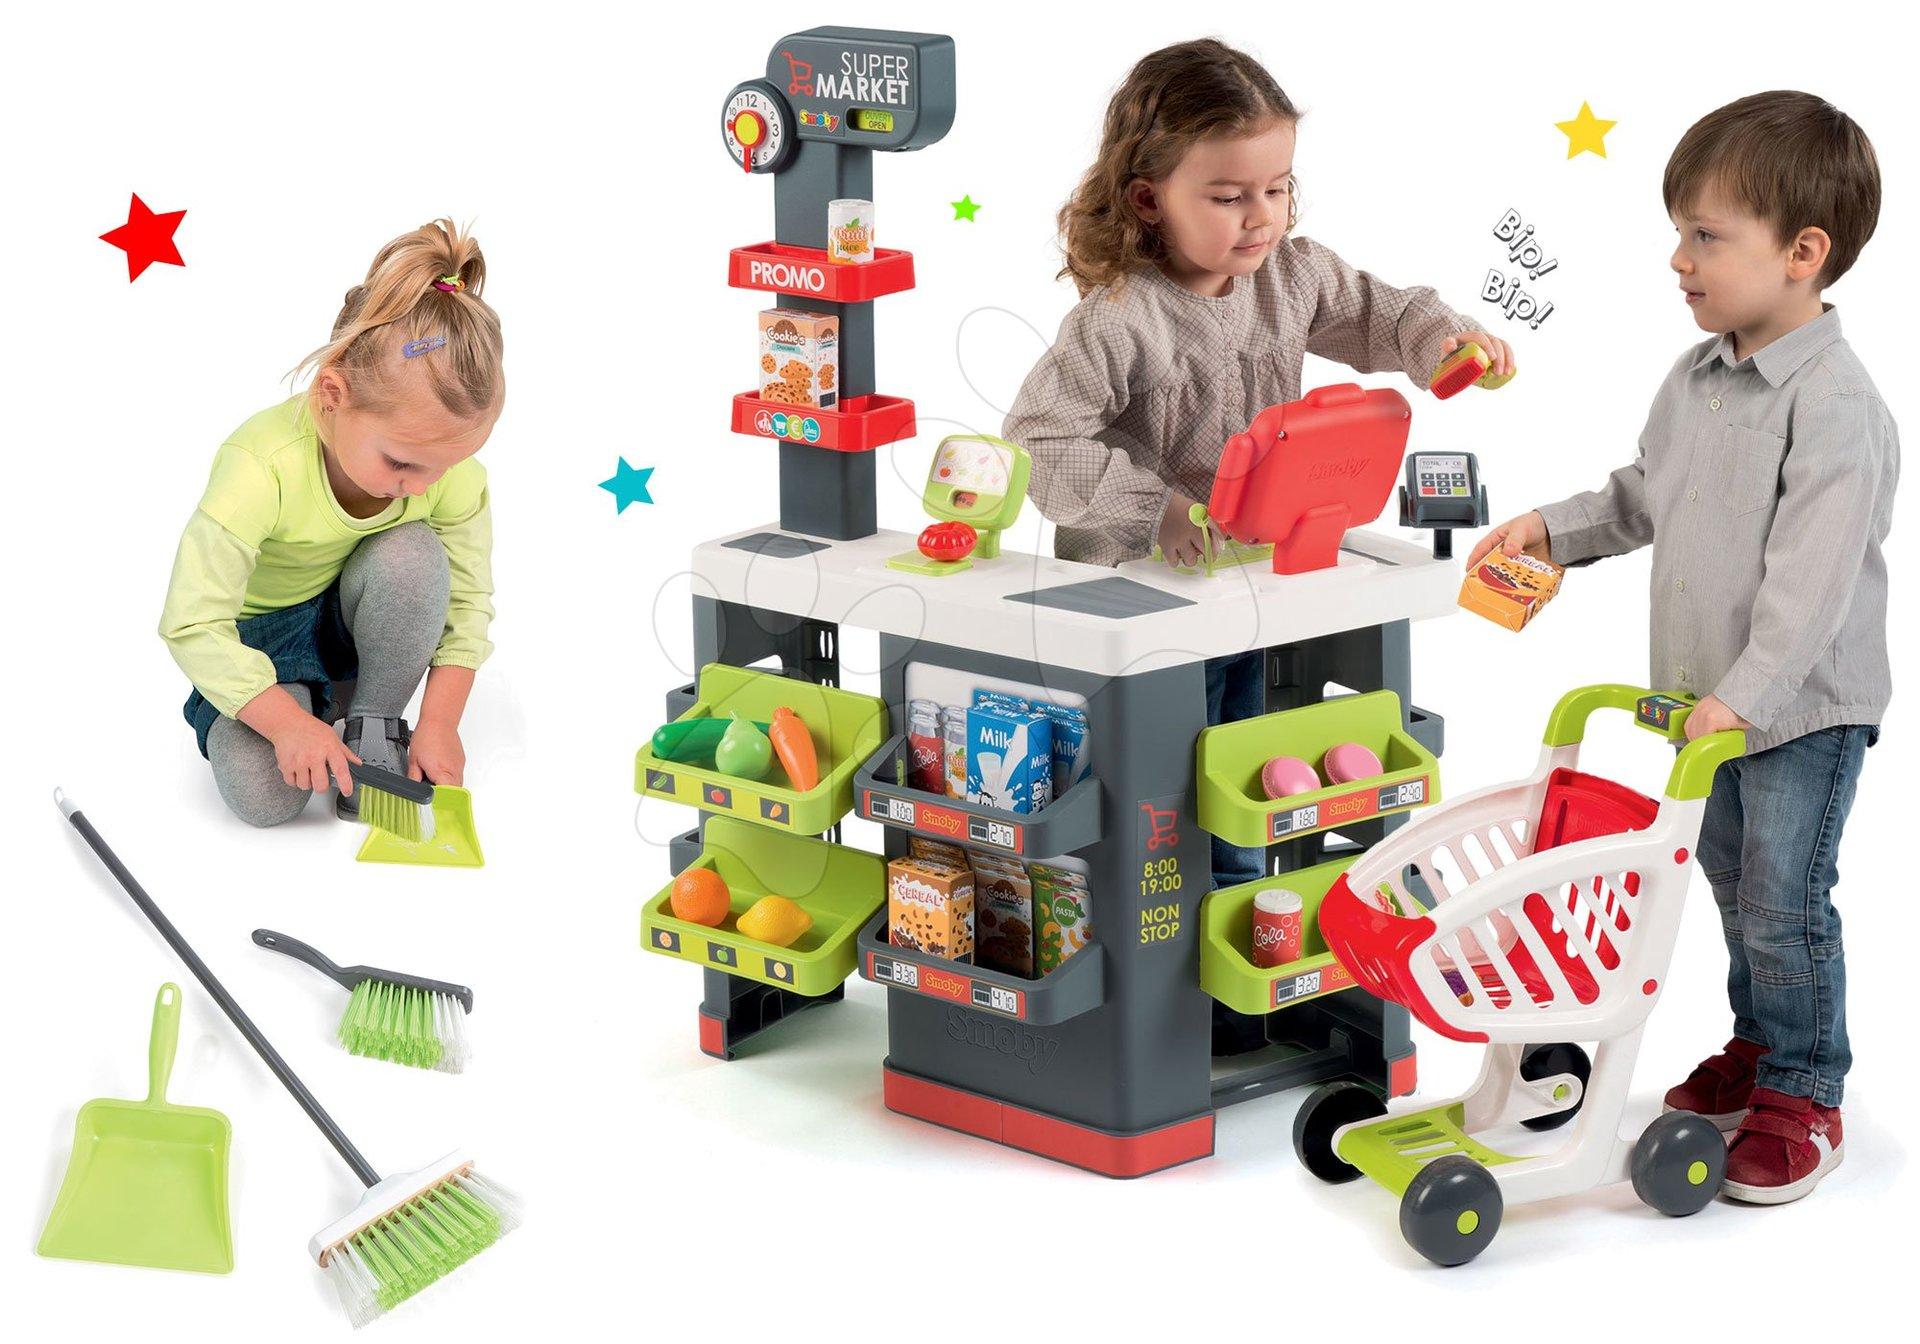 Set obchod Supermarket Smoby s elektronickou pokladnou a úklidový set